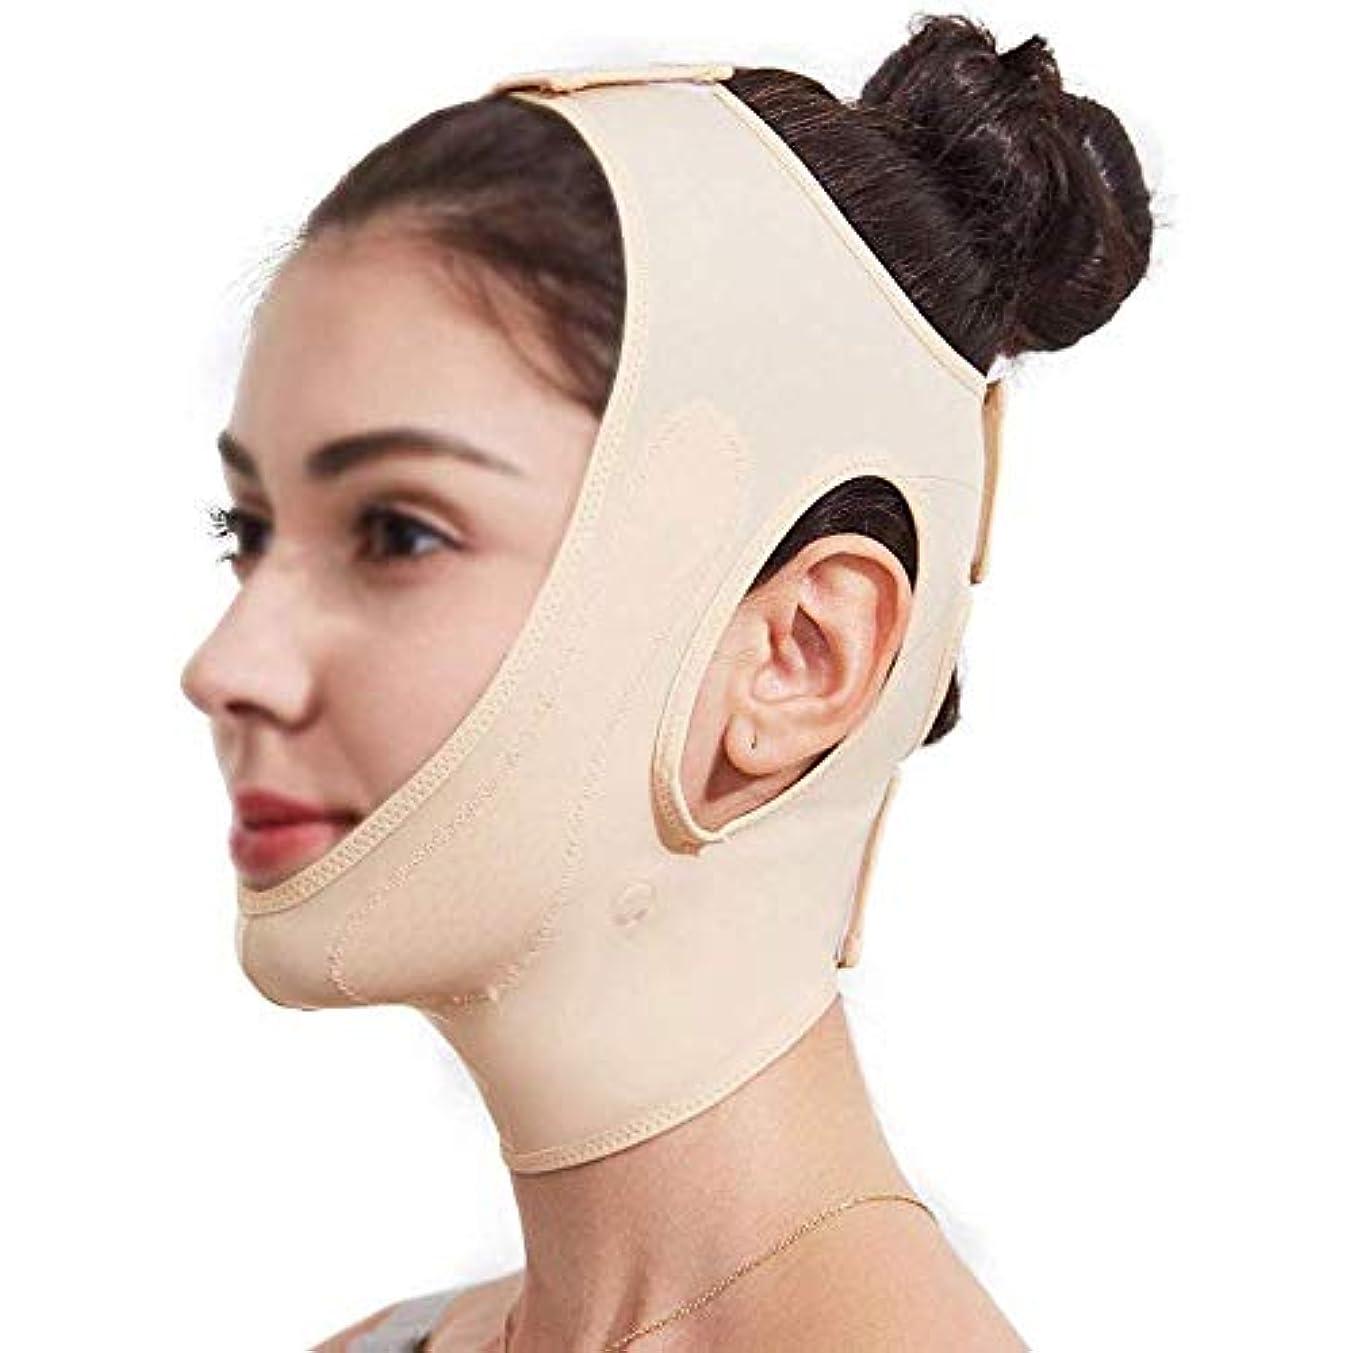 サラミ線コマンドHEMFV 顔のリフトスリミングベルトは、スリムリフトコンパクト顔の皮膚のためのスキン包帯二重あごスリミングベルトを締め (Color : Skin color)